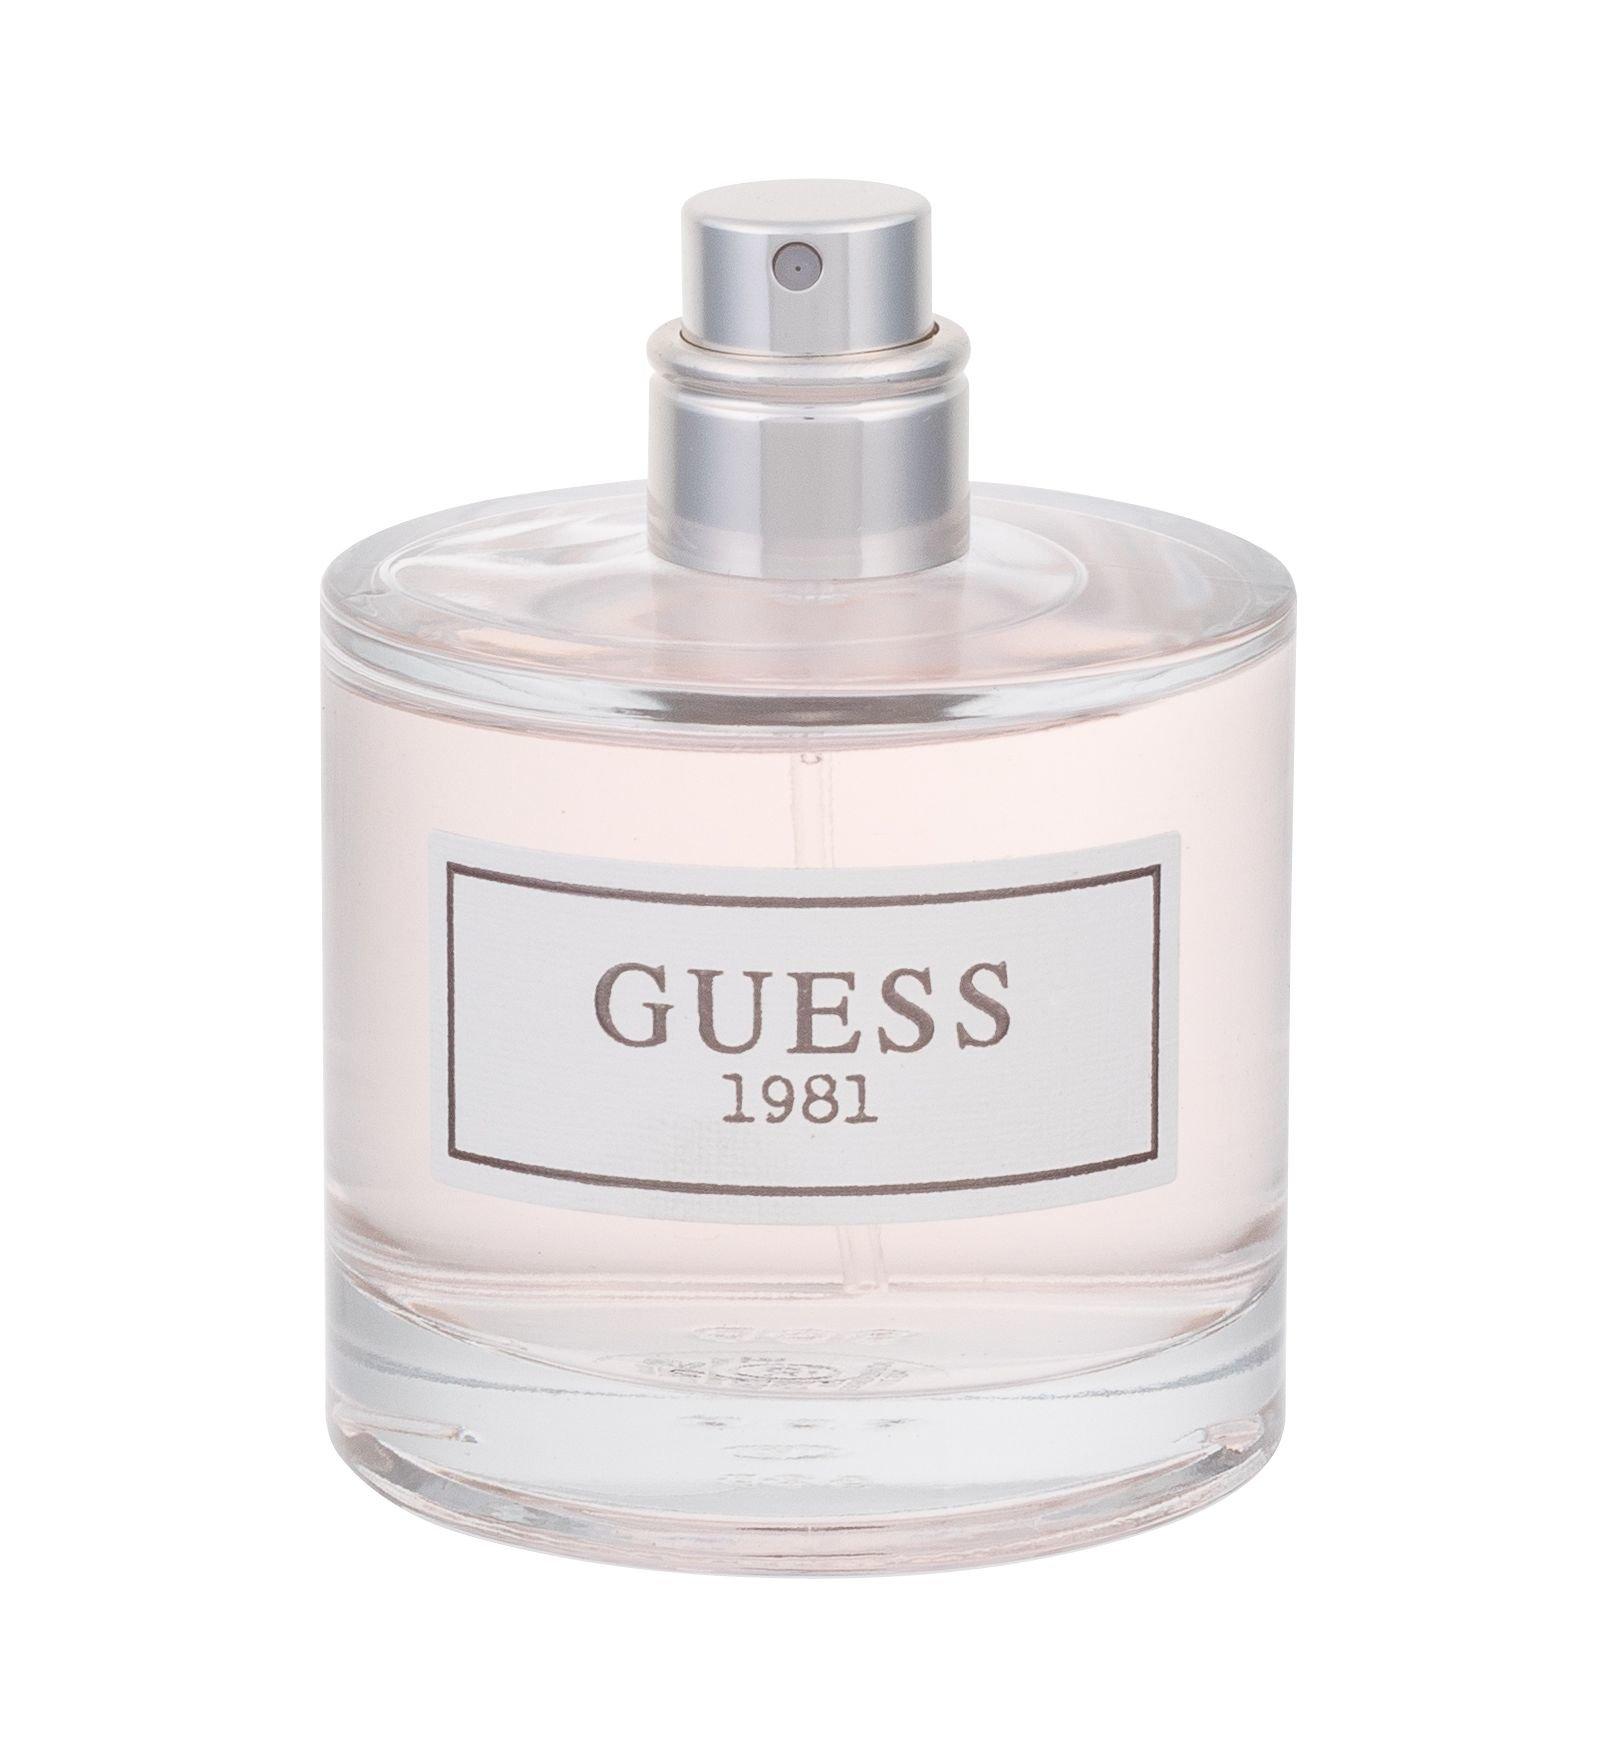 GUESS Guess 1981 Eau de Toilette 50ml